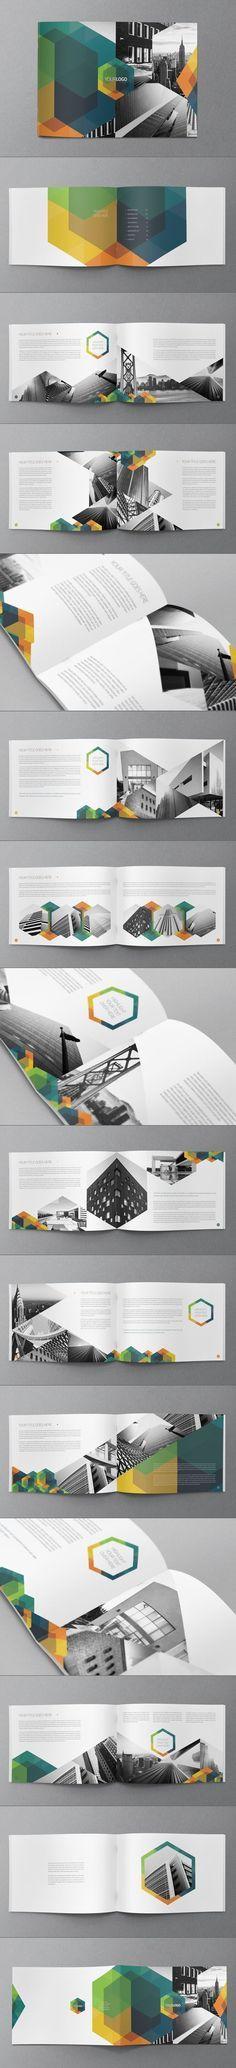 Graphic Design Inspiration - Business Portfolio - Company Profile - Brochure - Press Release - Modern - Geometric - Colorful